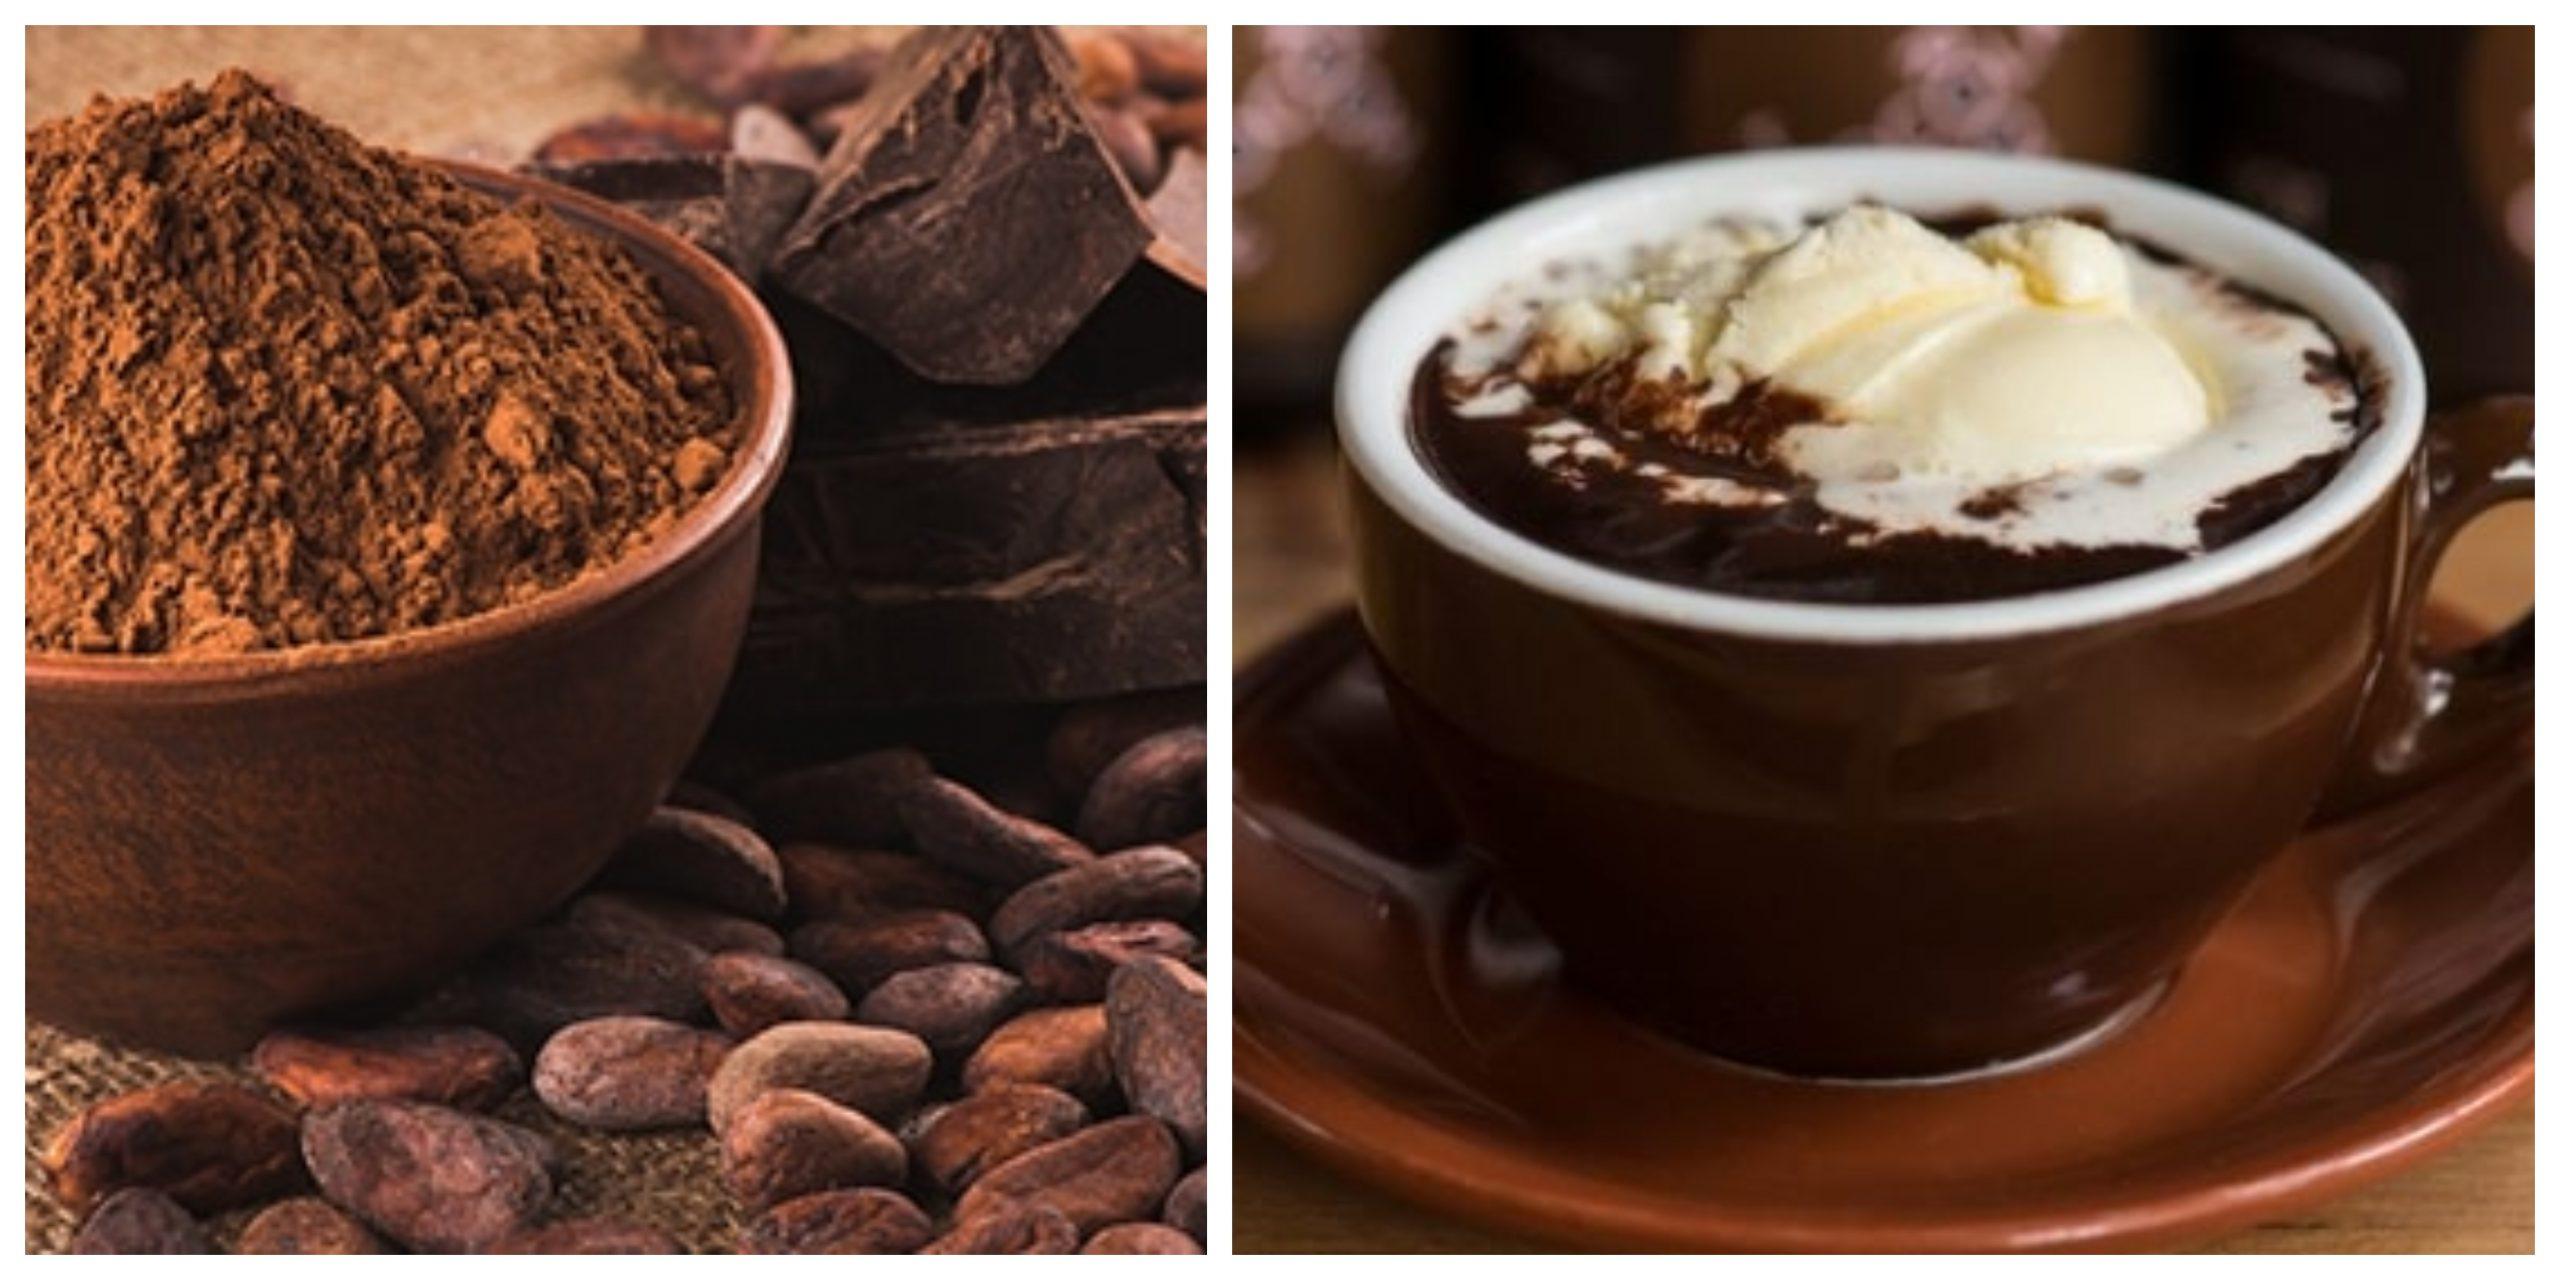 الفوائد الصحية الرائعة لتناول الكاكاو